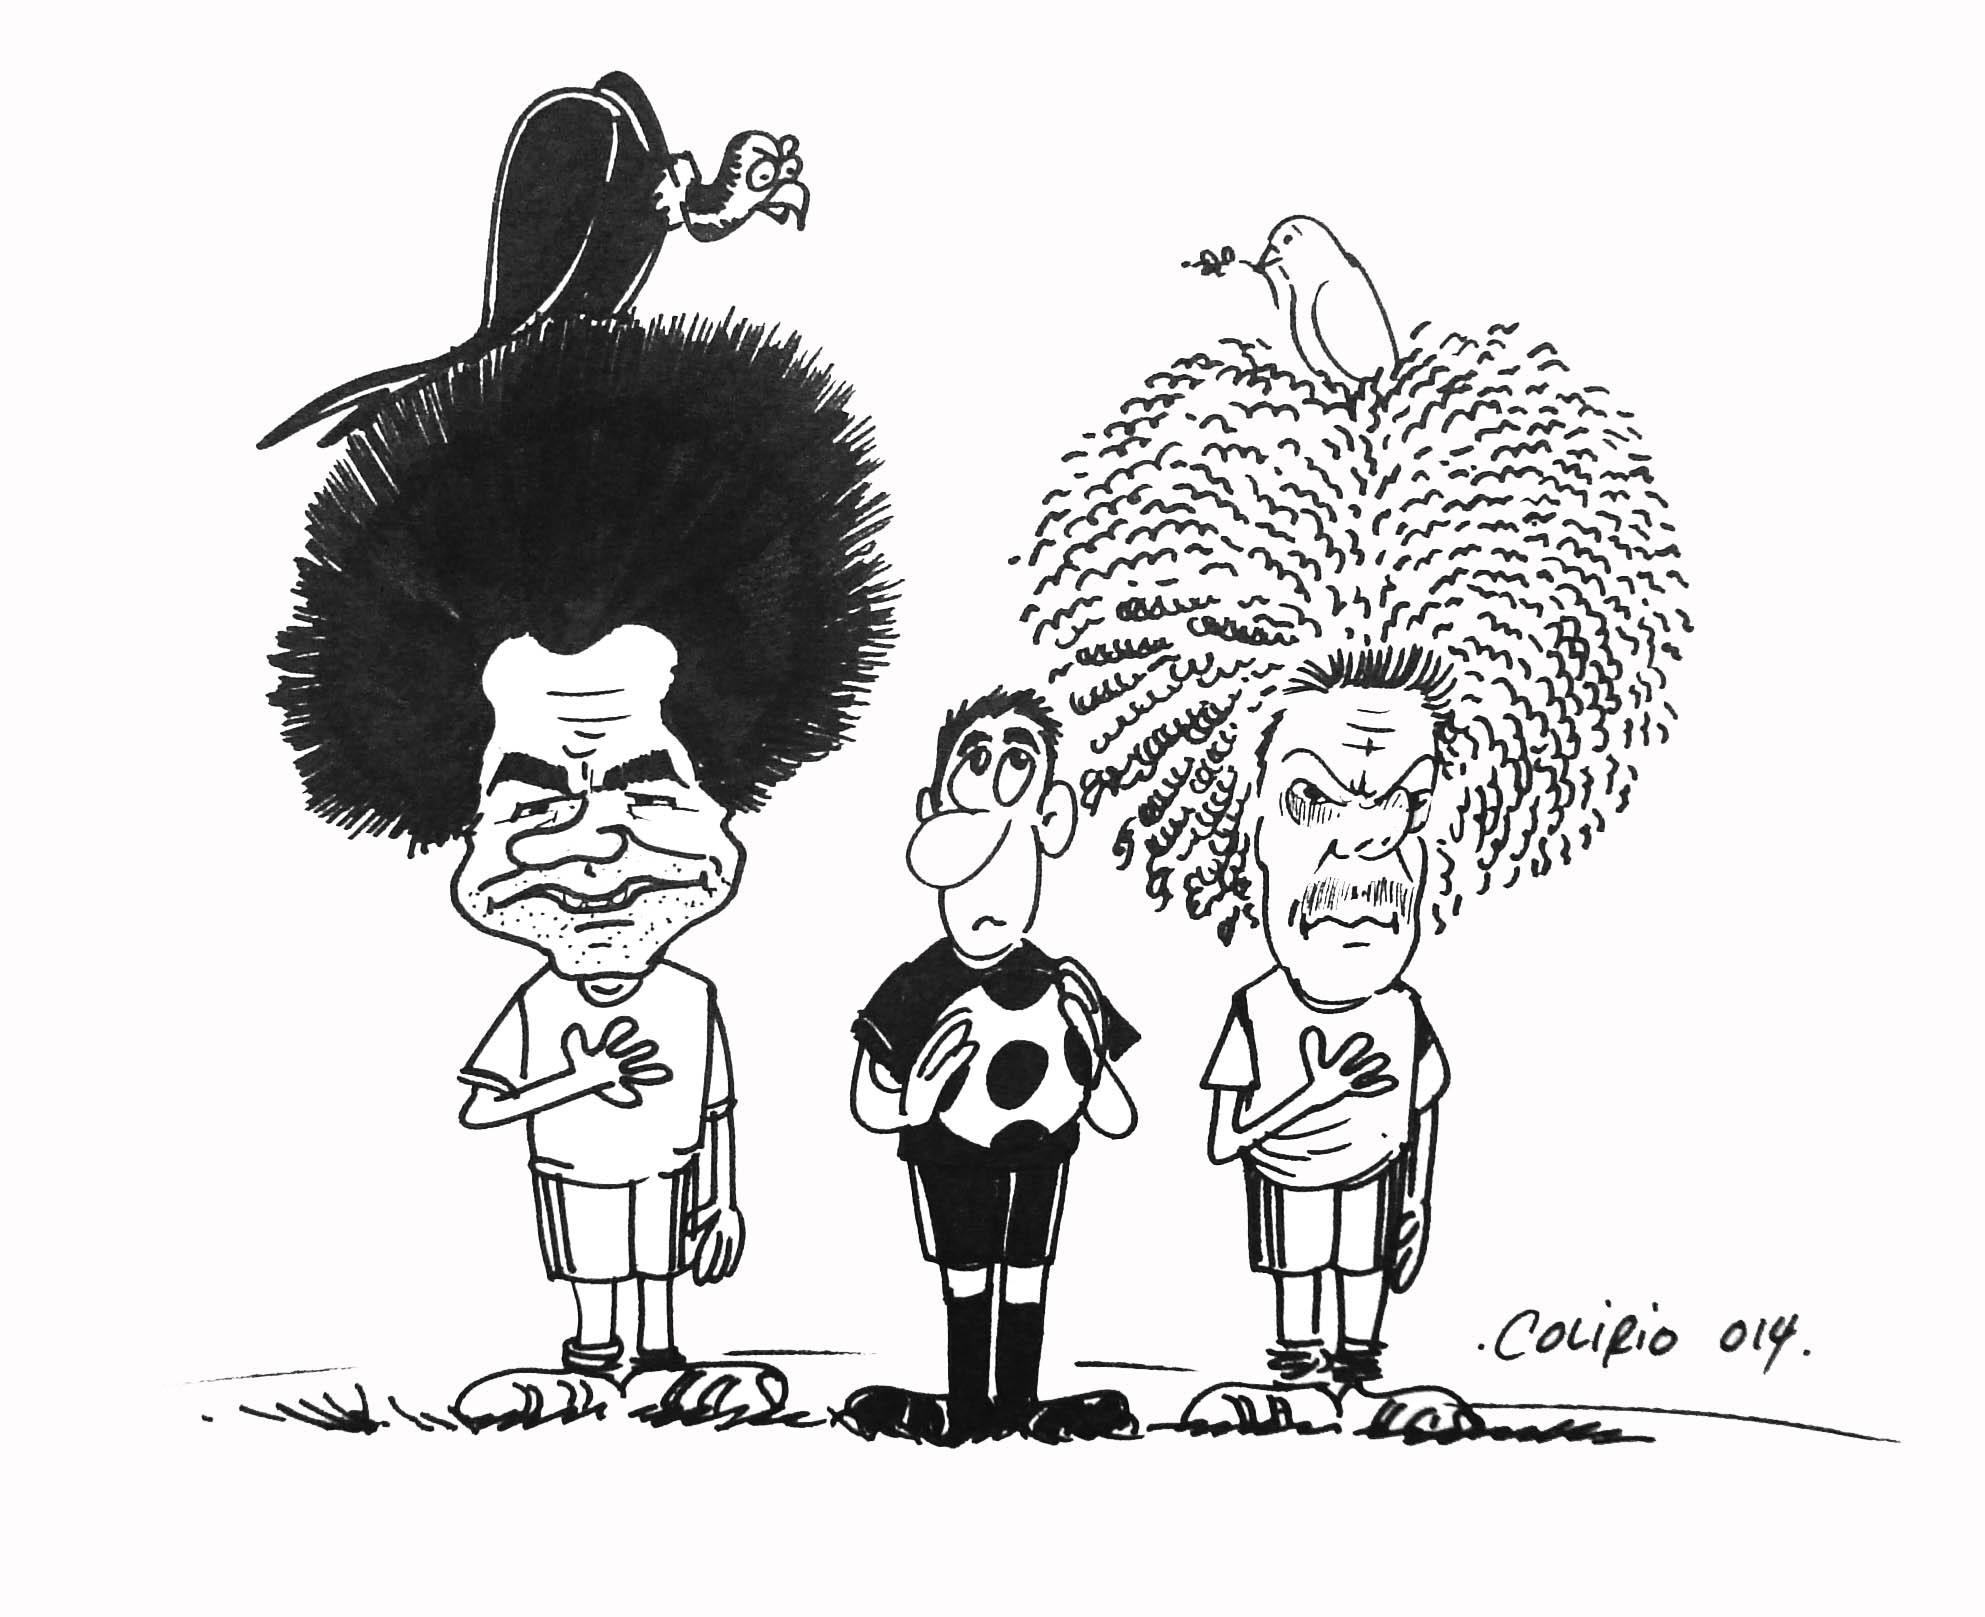 carica viernes 13 de junio de 2014